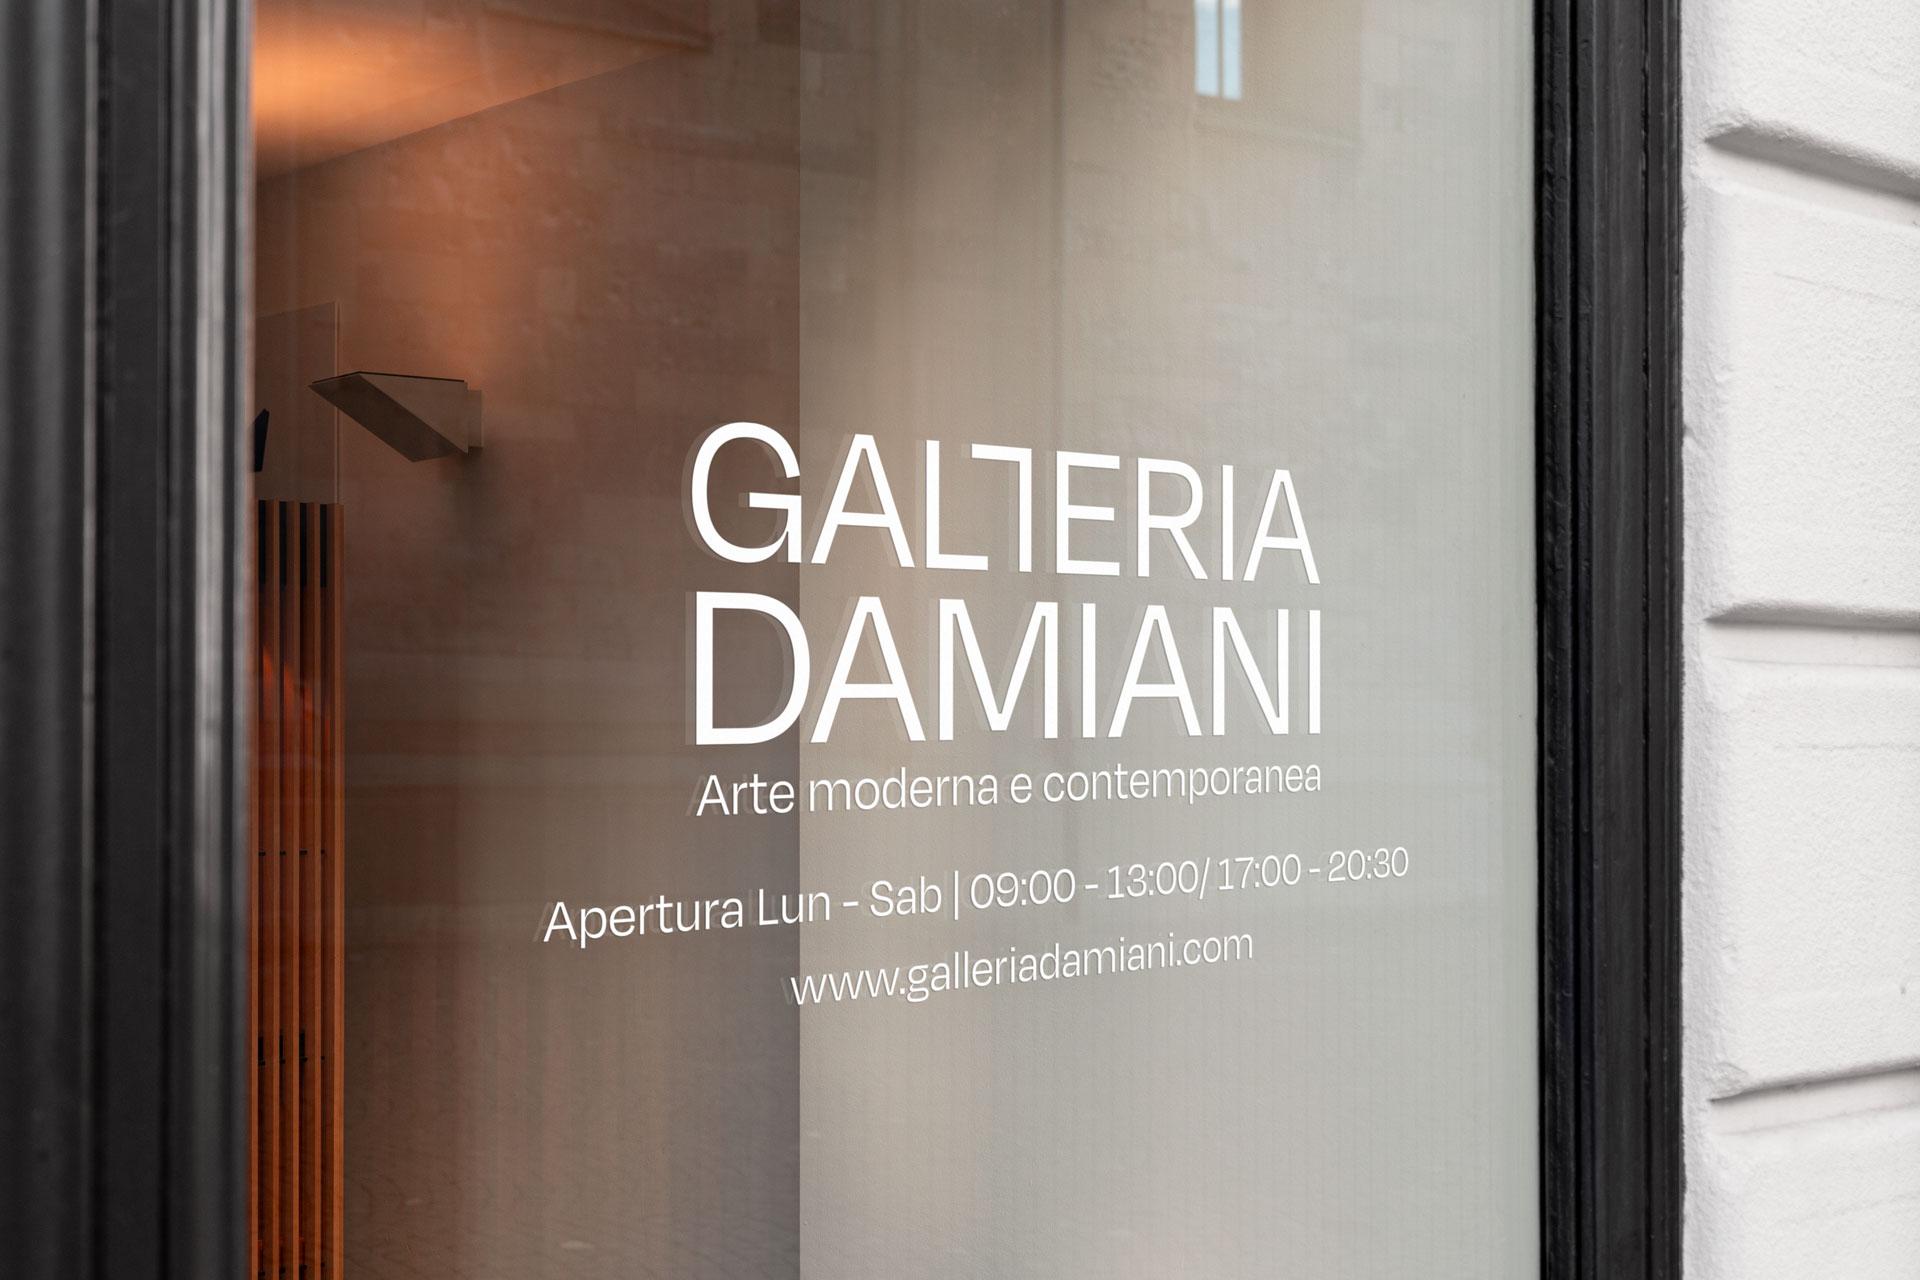 Galleria Damiani